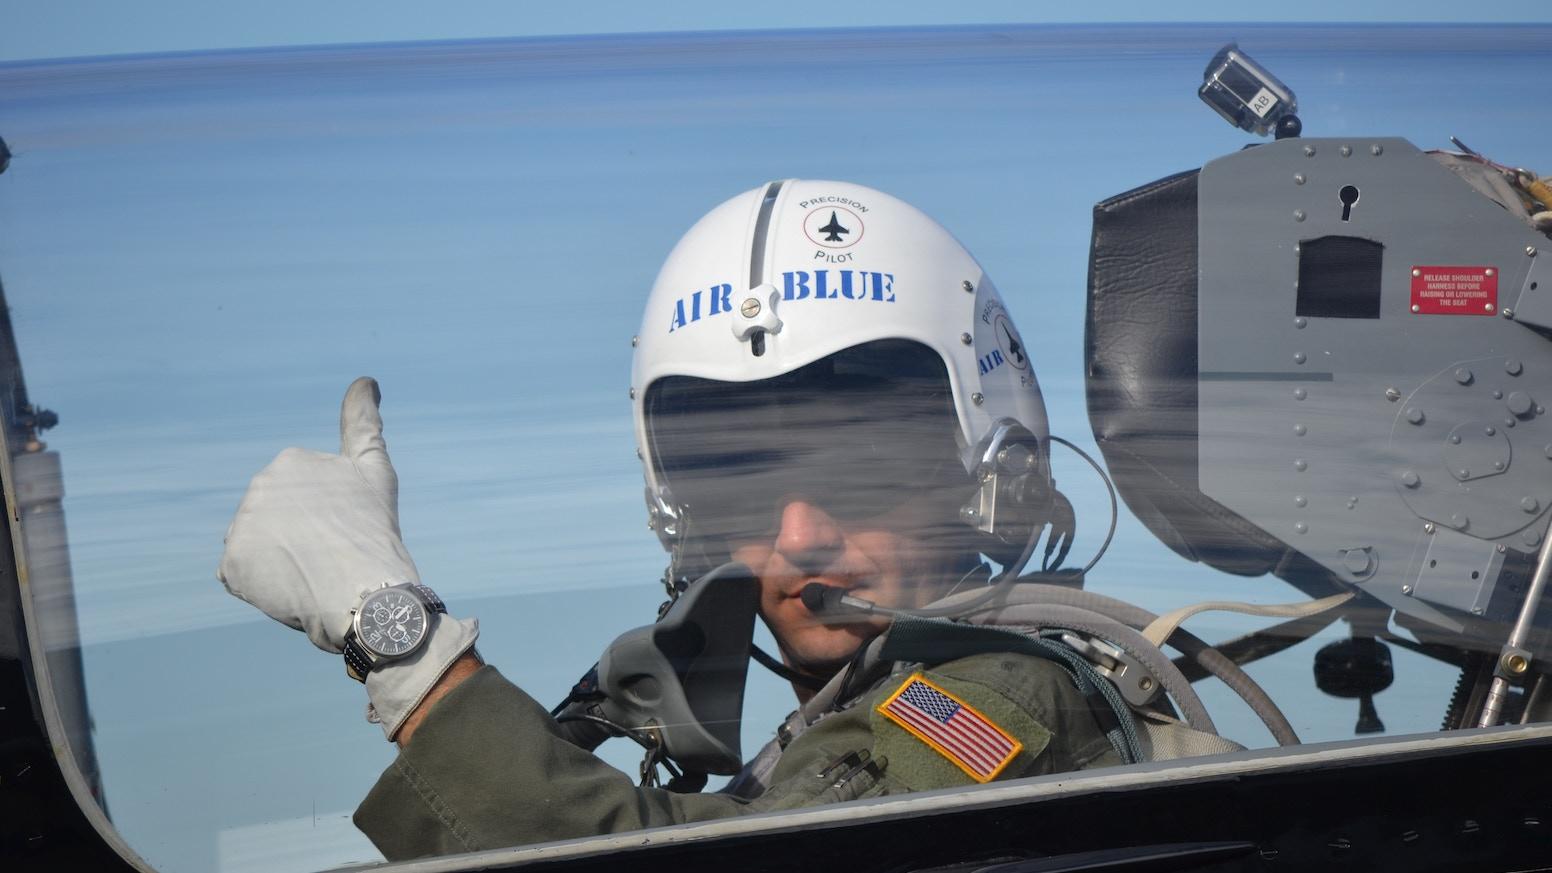 cf6defcfe26 Air Blue Pilot Watches by Stan B — Kickstarter